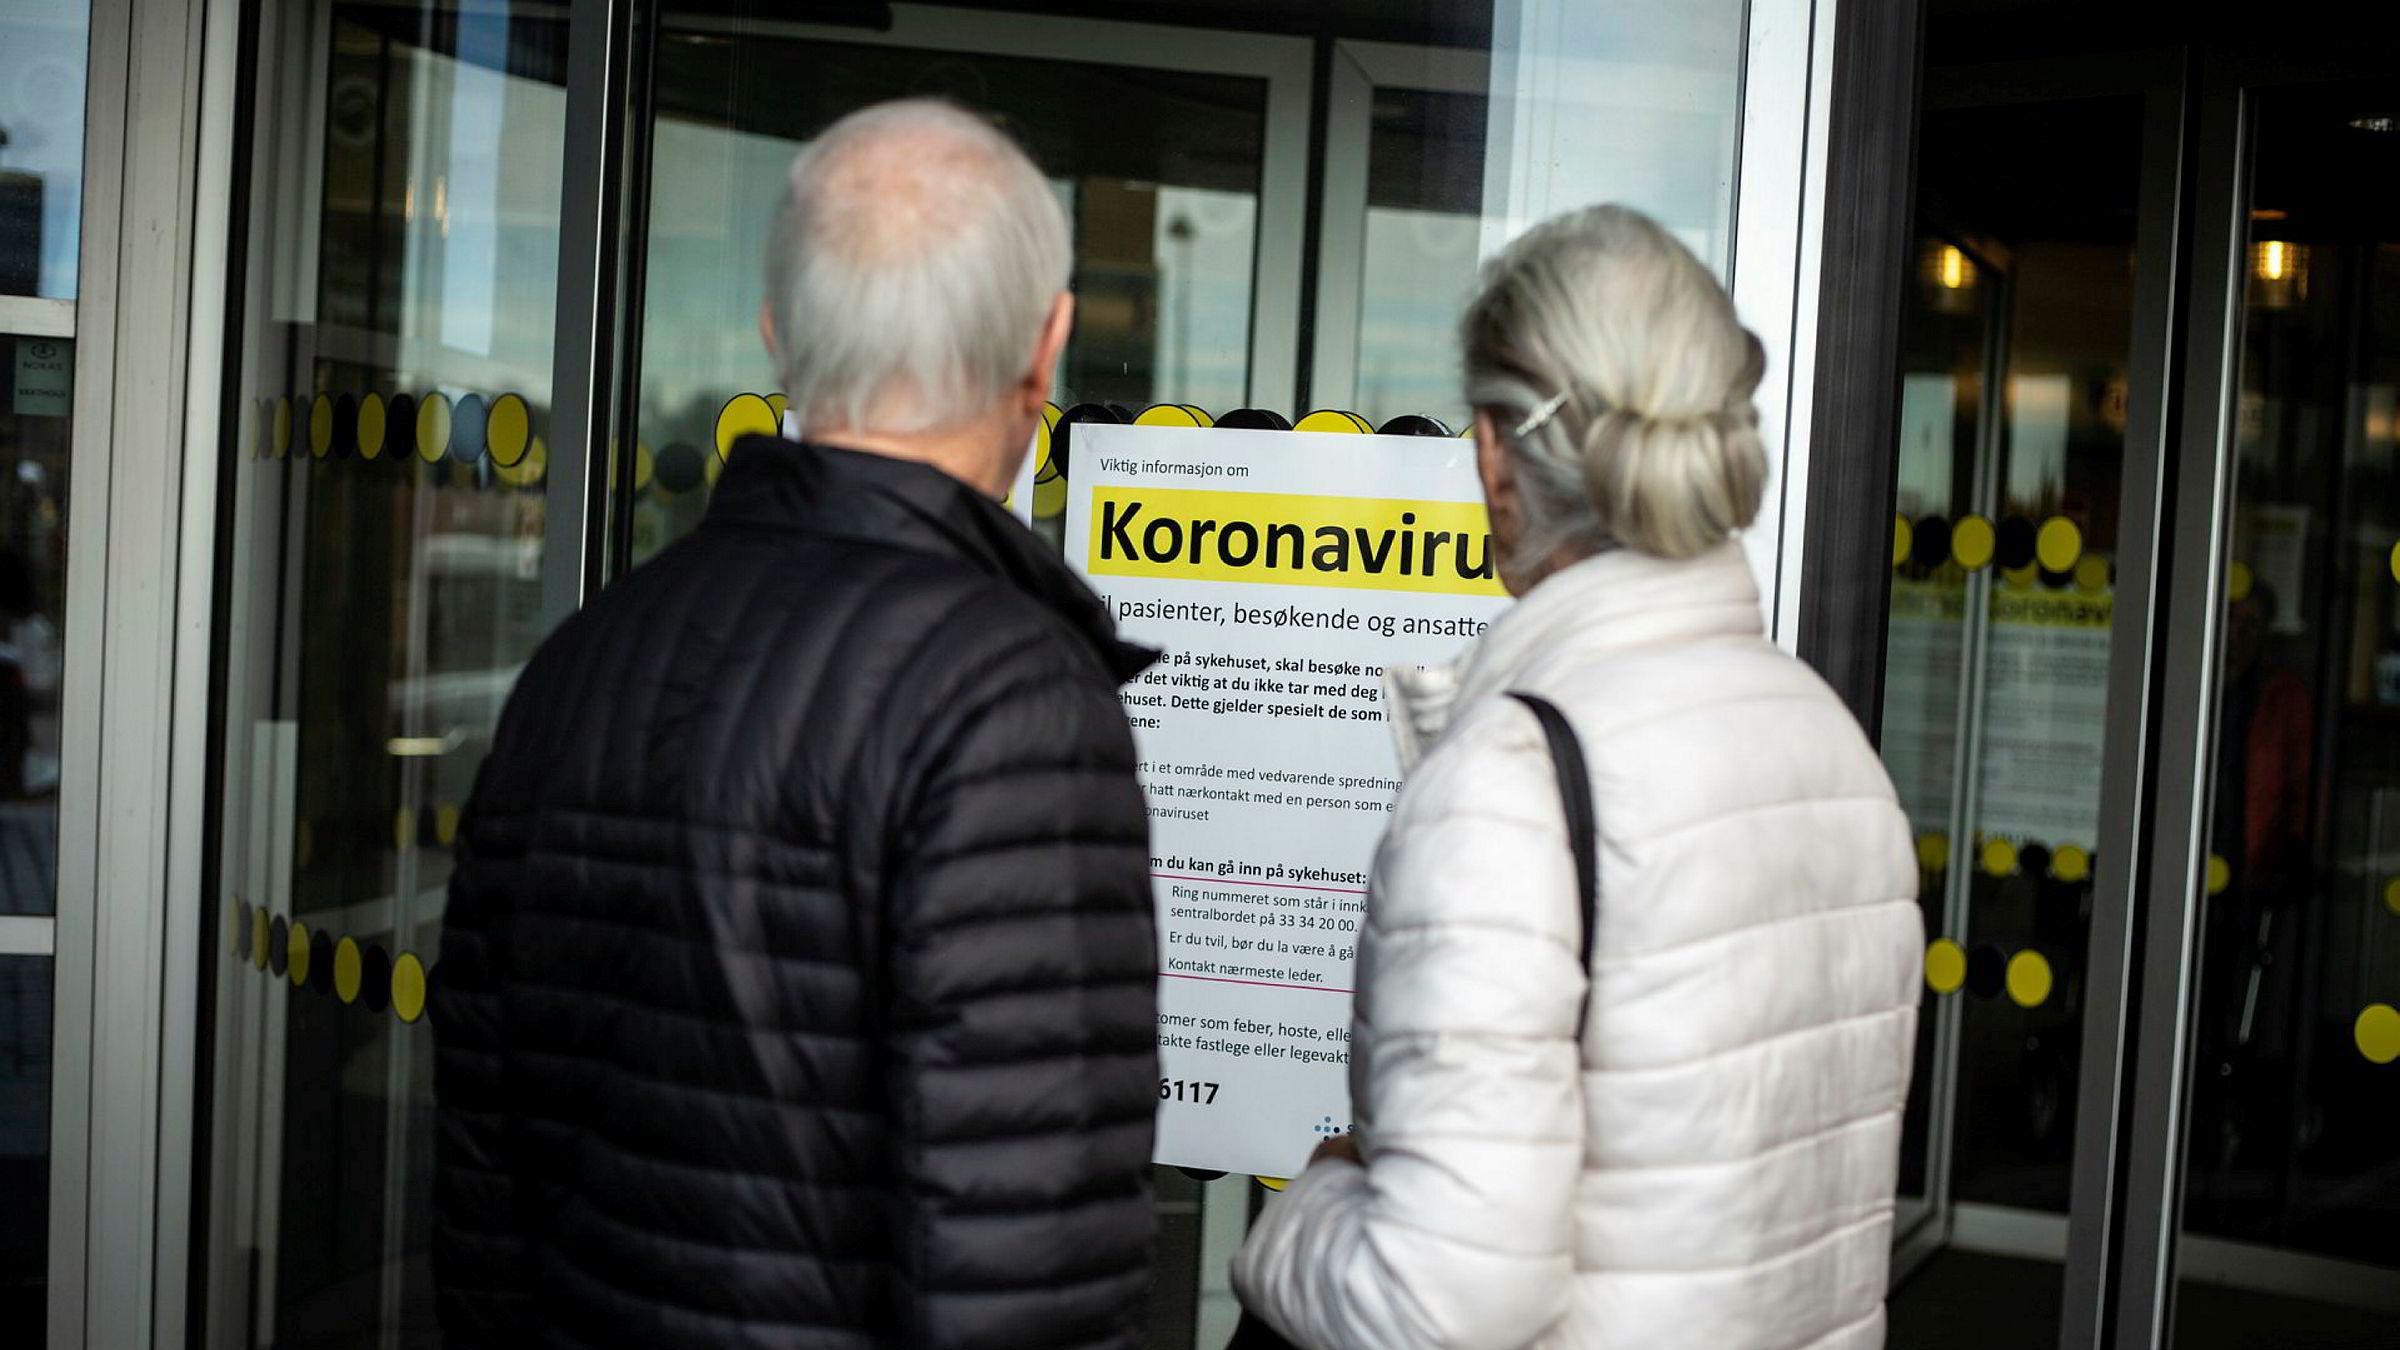 Plakater med informasjon om koronaviruset er plassert ved inngangen til ved Sykehuset i Vestfold.